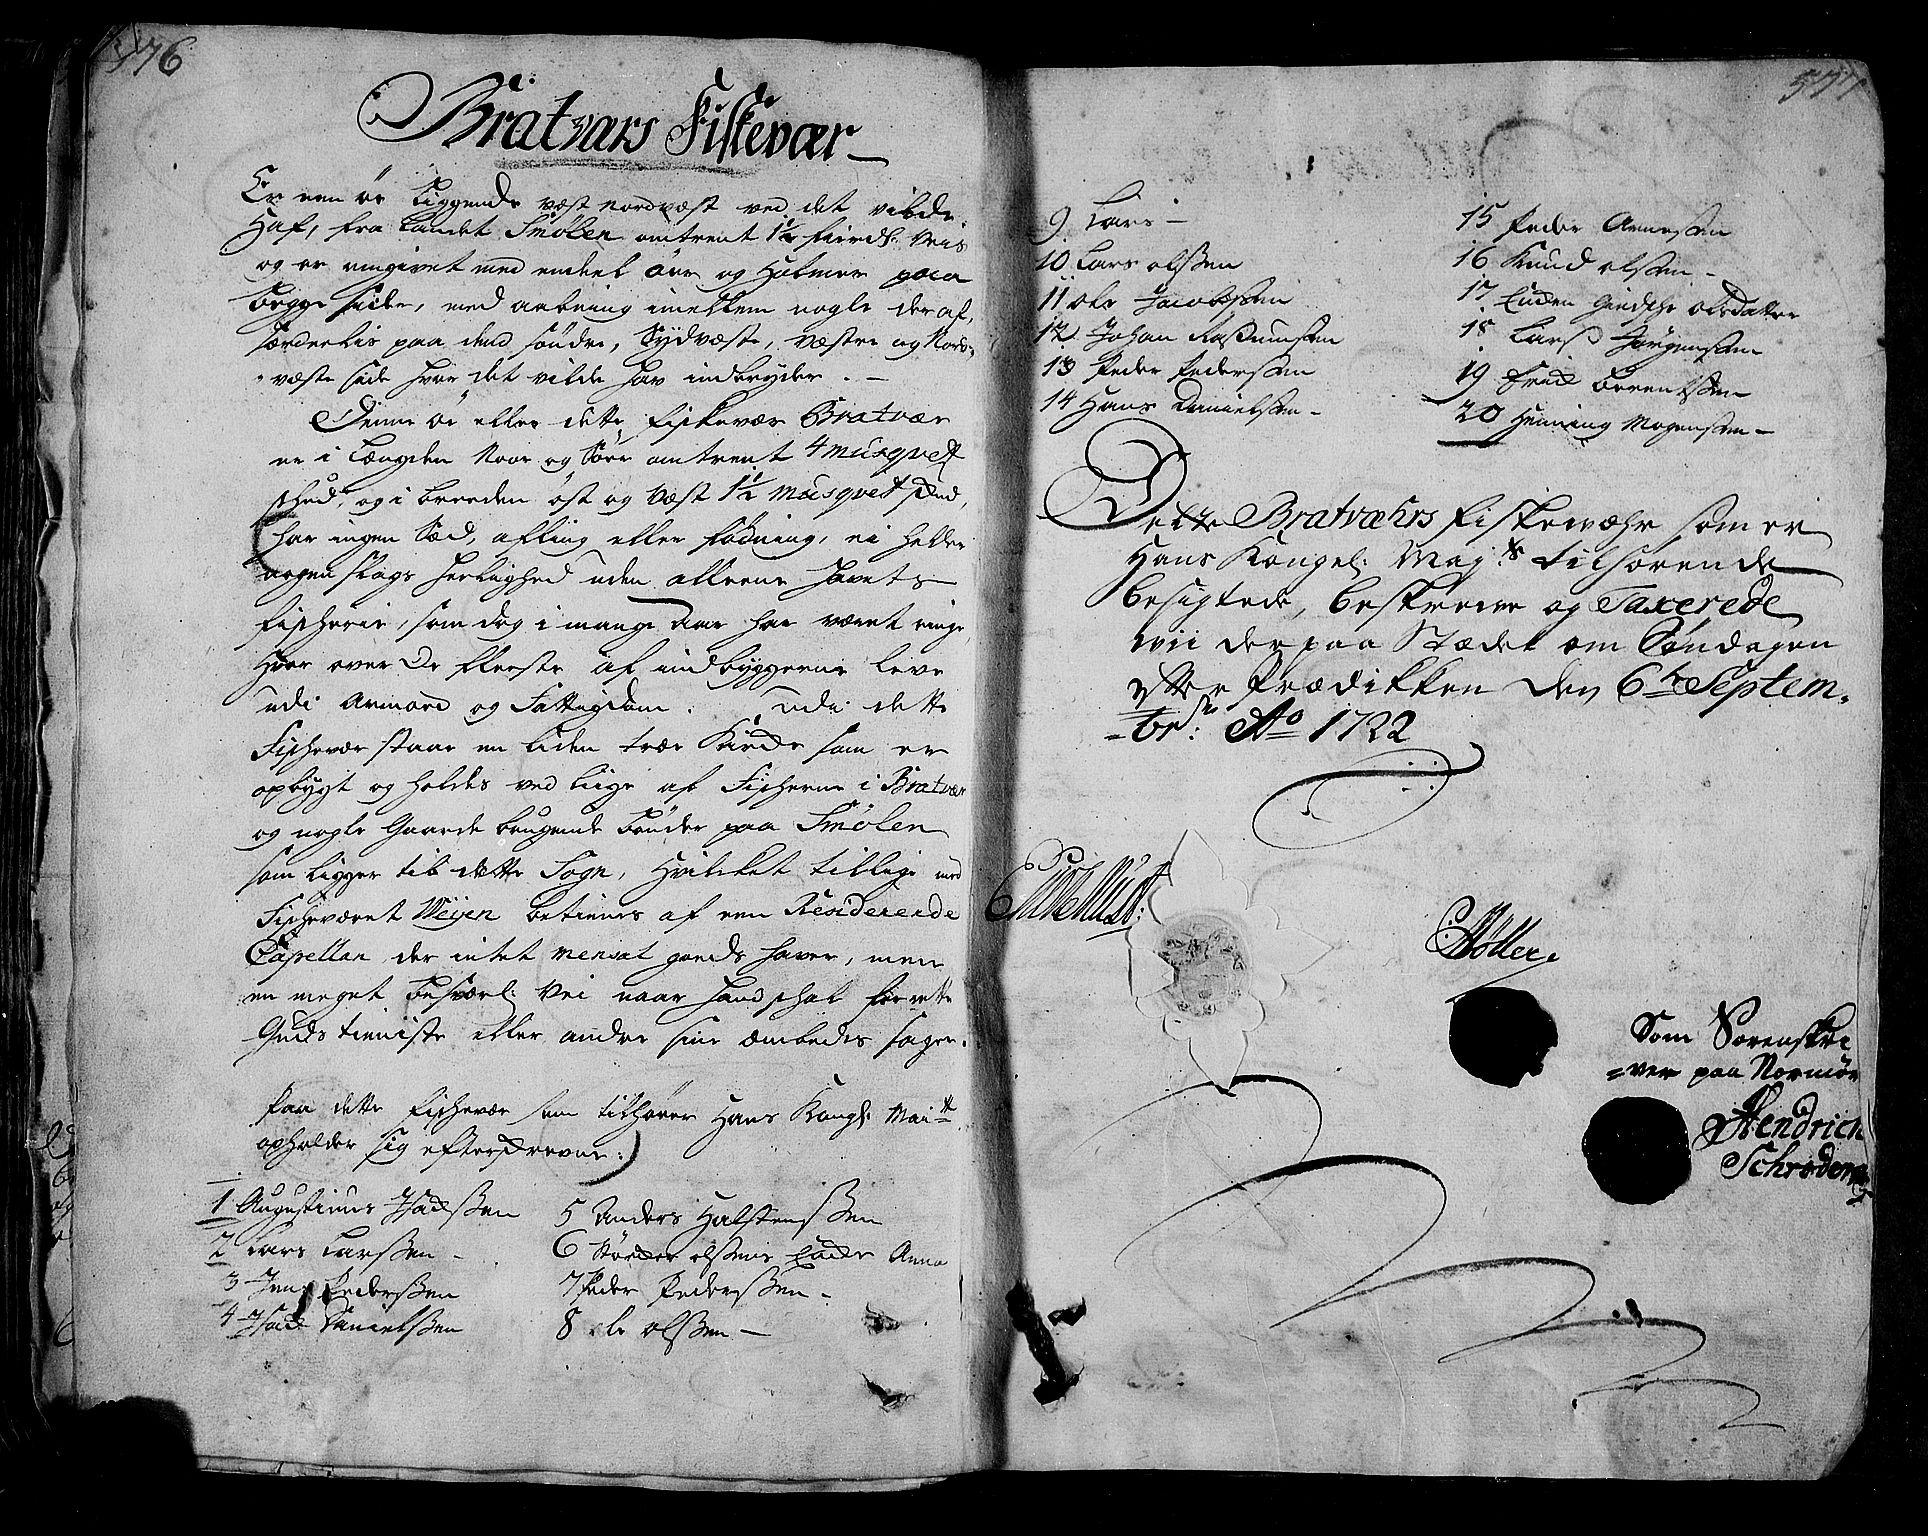 RA, Rentekammeret inntil 1814, Realistisk ordnet avdeling, N/Nb/Nbf/L0154: Nordmøre eksaminasjonsprotokoll, 1721-1723, s. 576-577